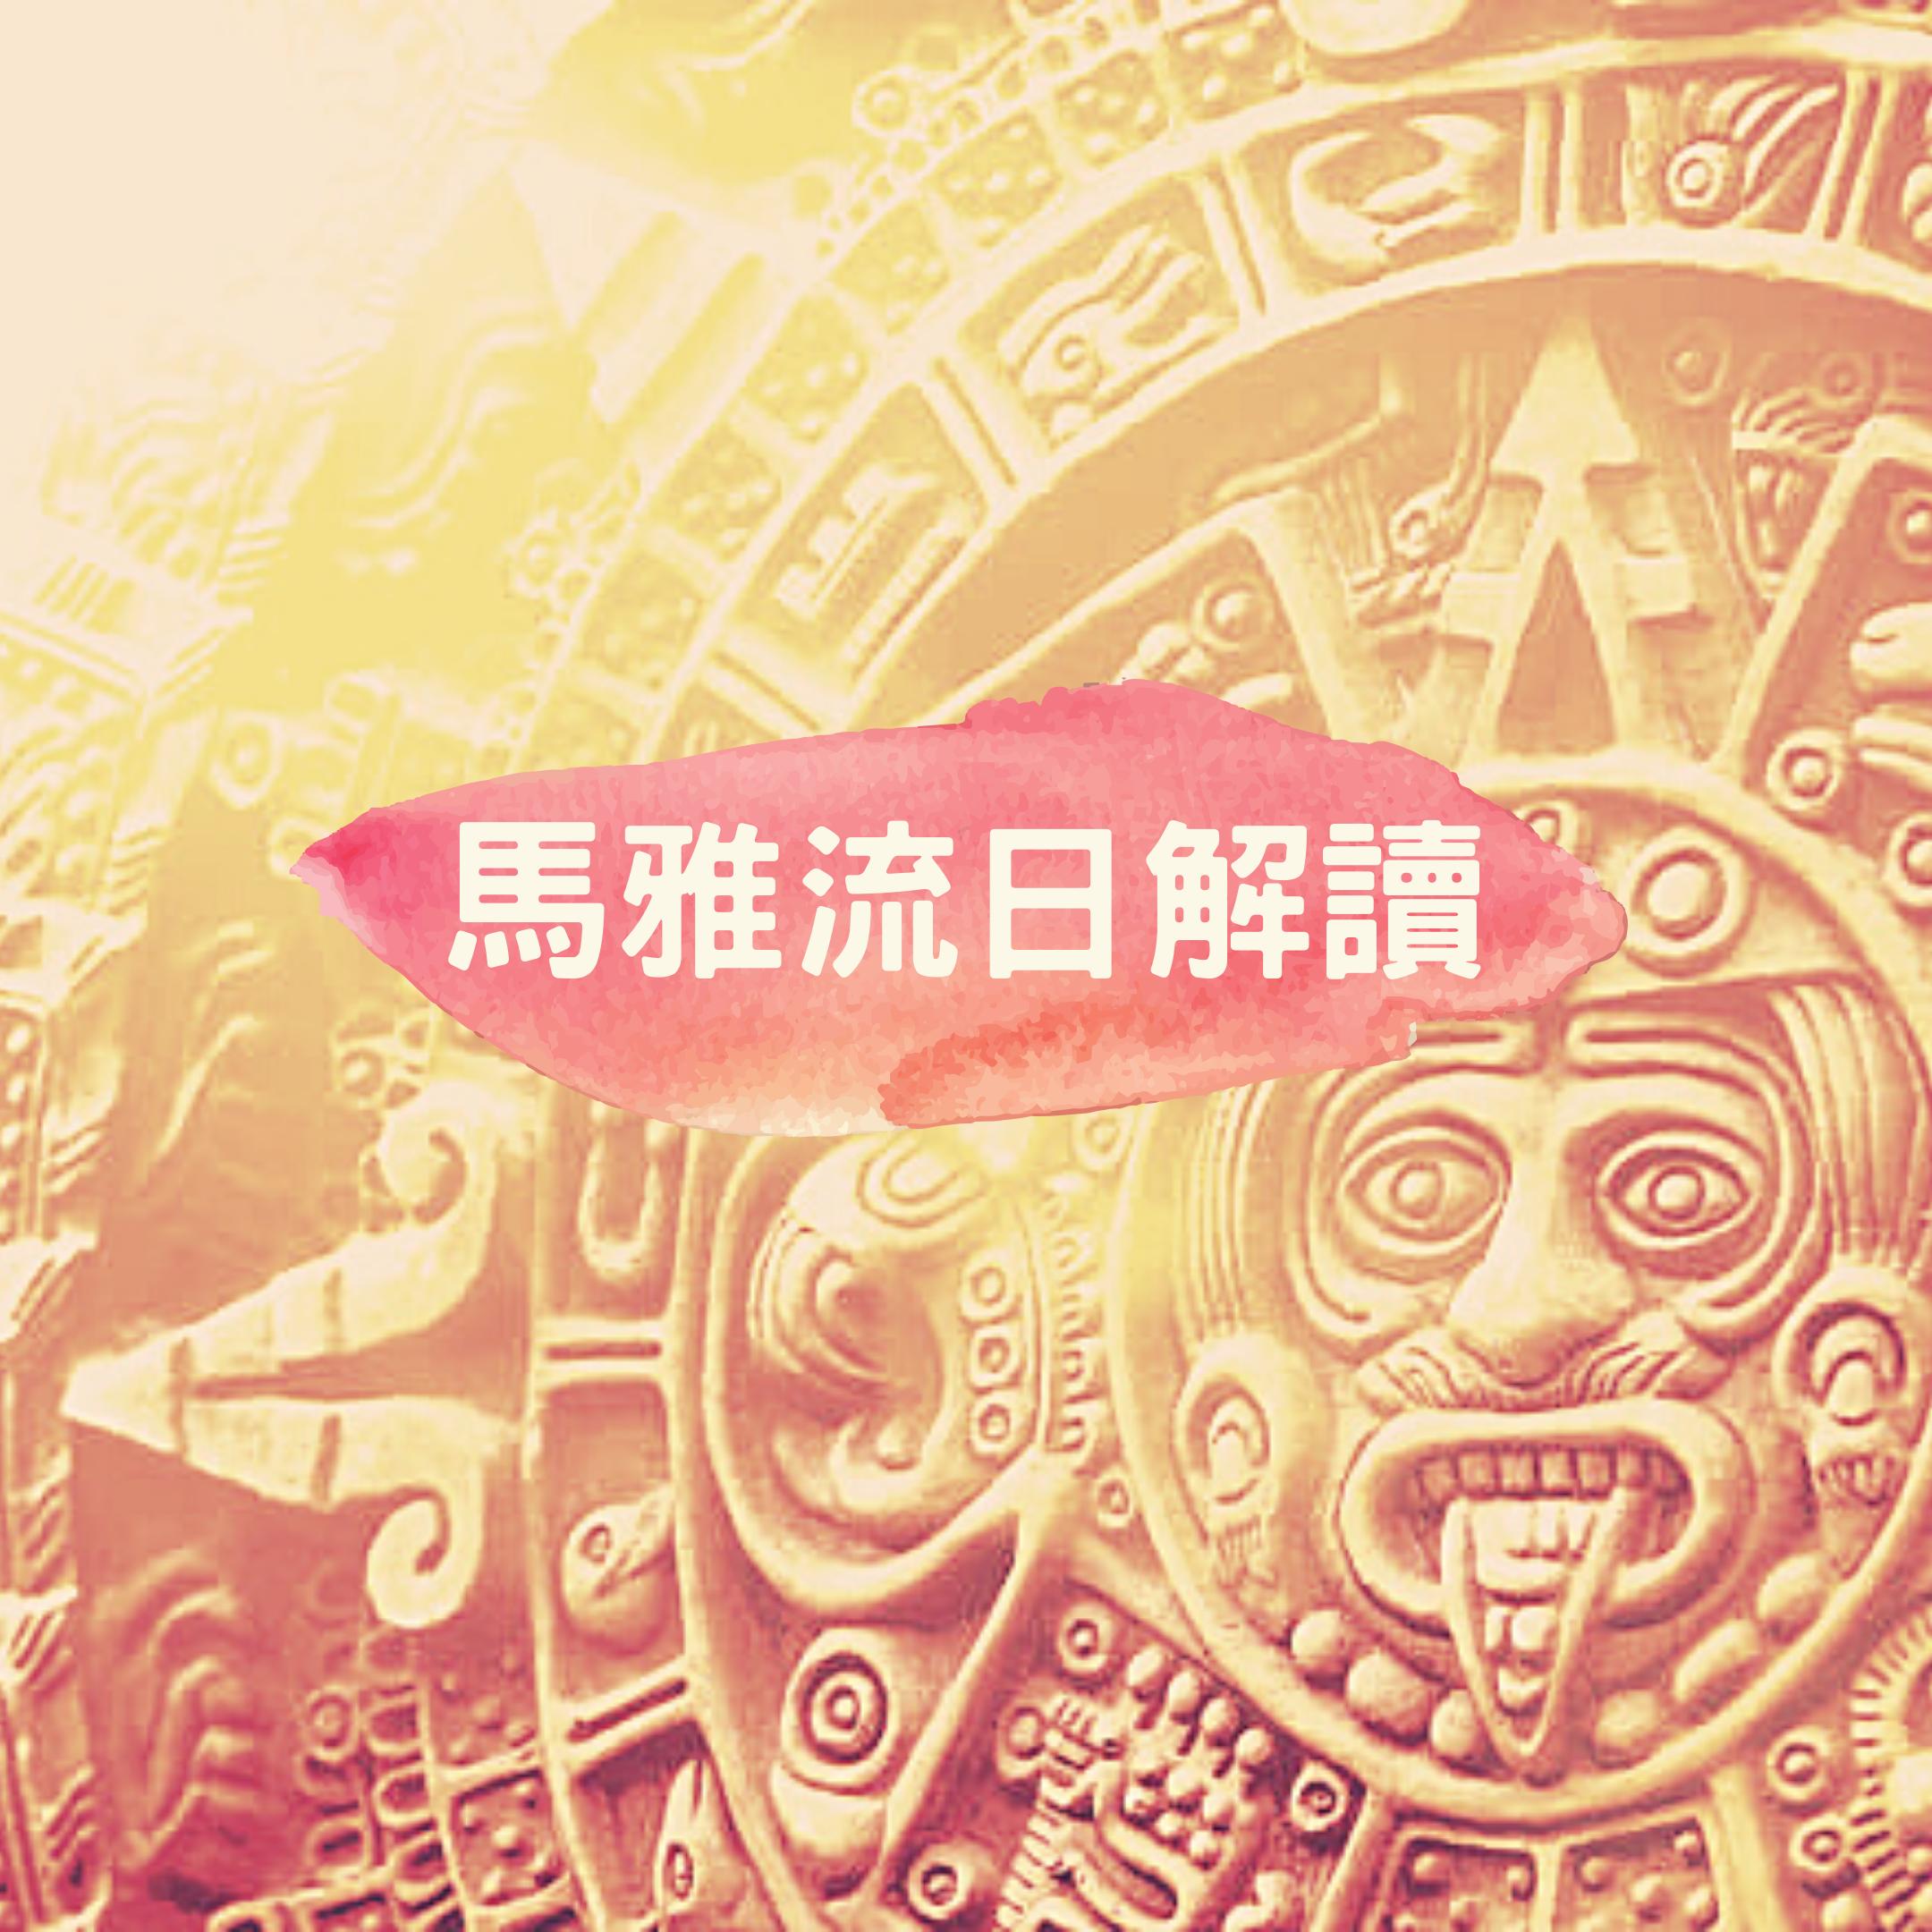 馬雅流日09.26|kin 181 水晶紅龍